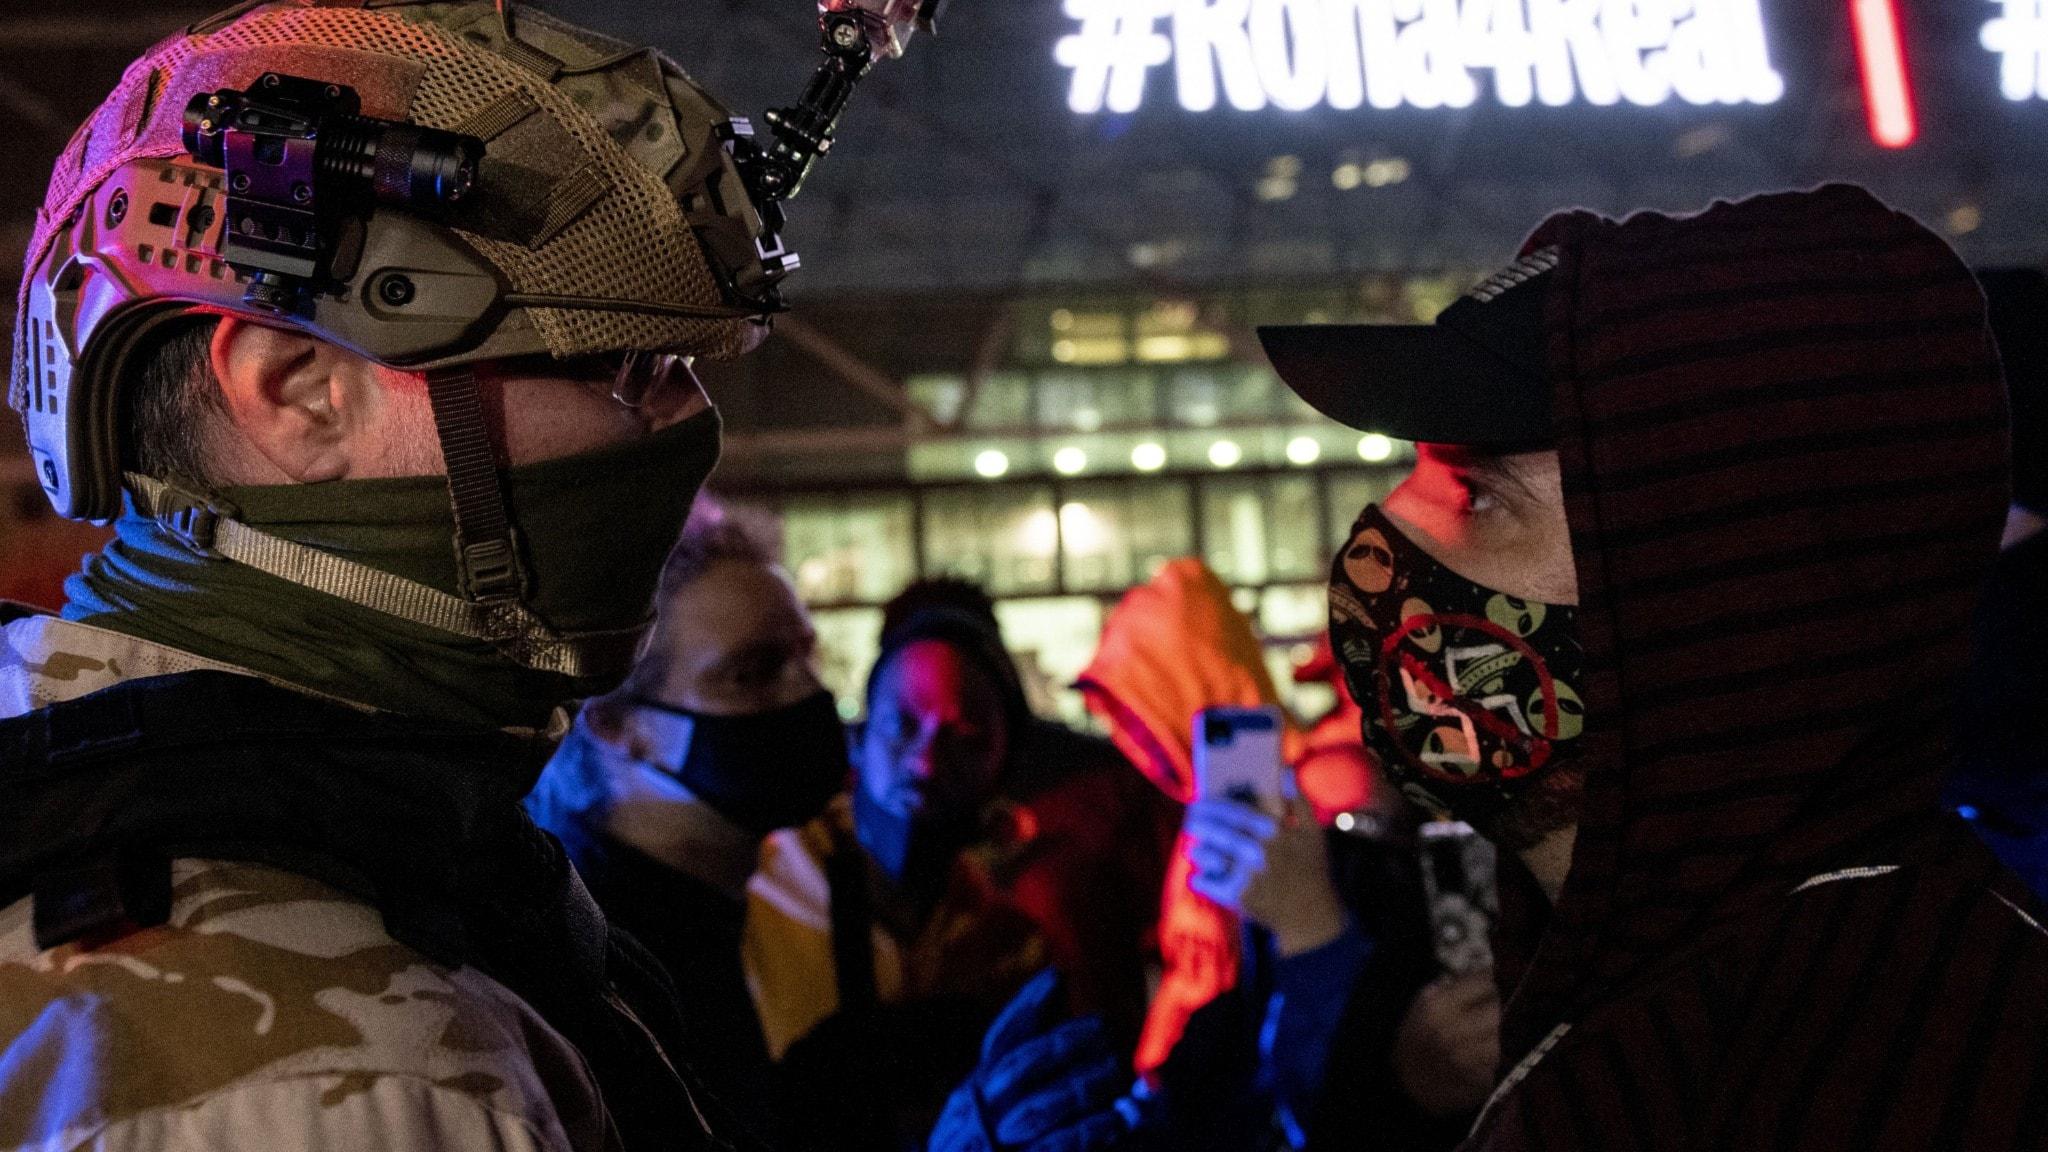 En militärt utrustad Trumpsupporter och en svartklädd motdemonstrant utanför ett rösträkningscenter i Detroit, Michigan.